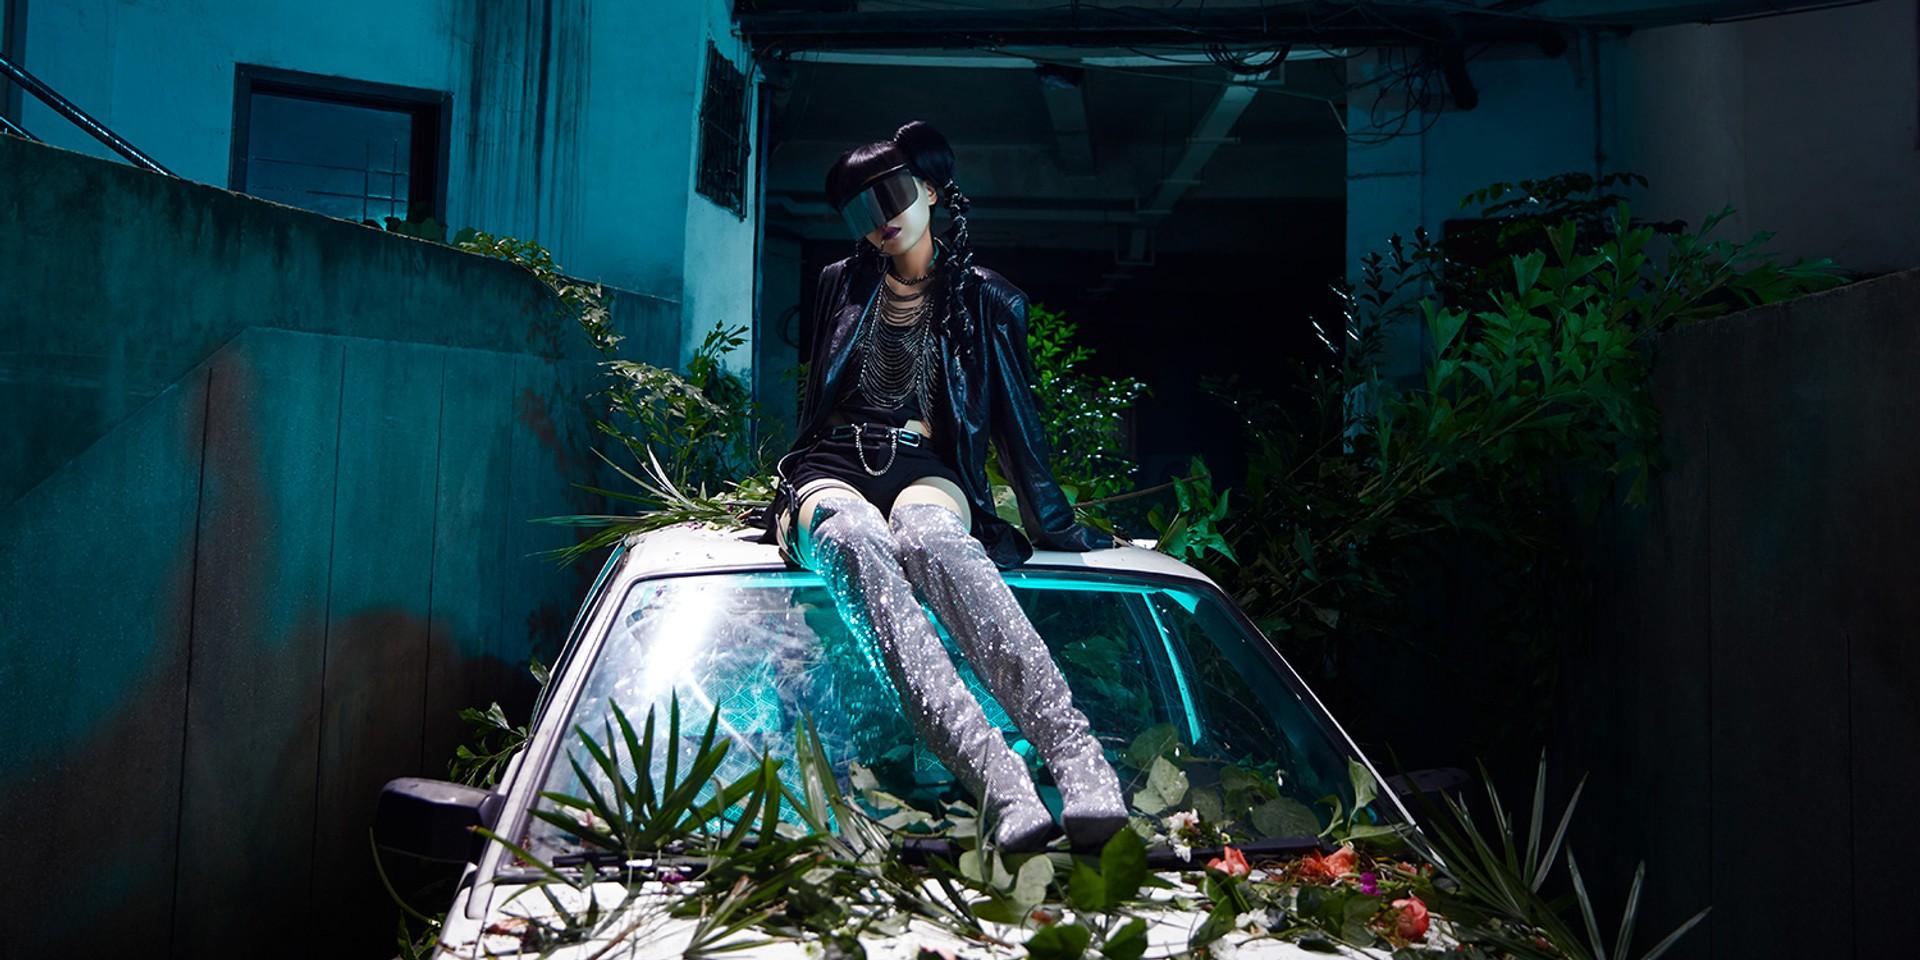 电音猫女Jasmine Sokko楚晴 首支中文单曲《嘘》声出辑